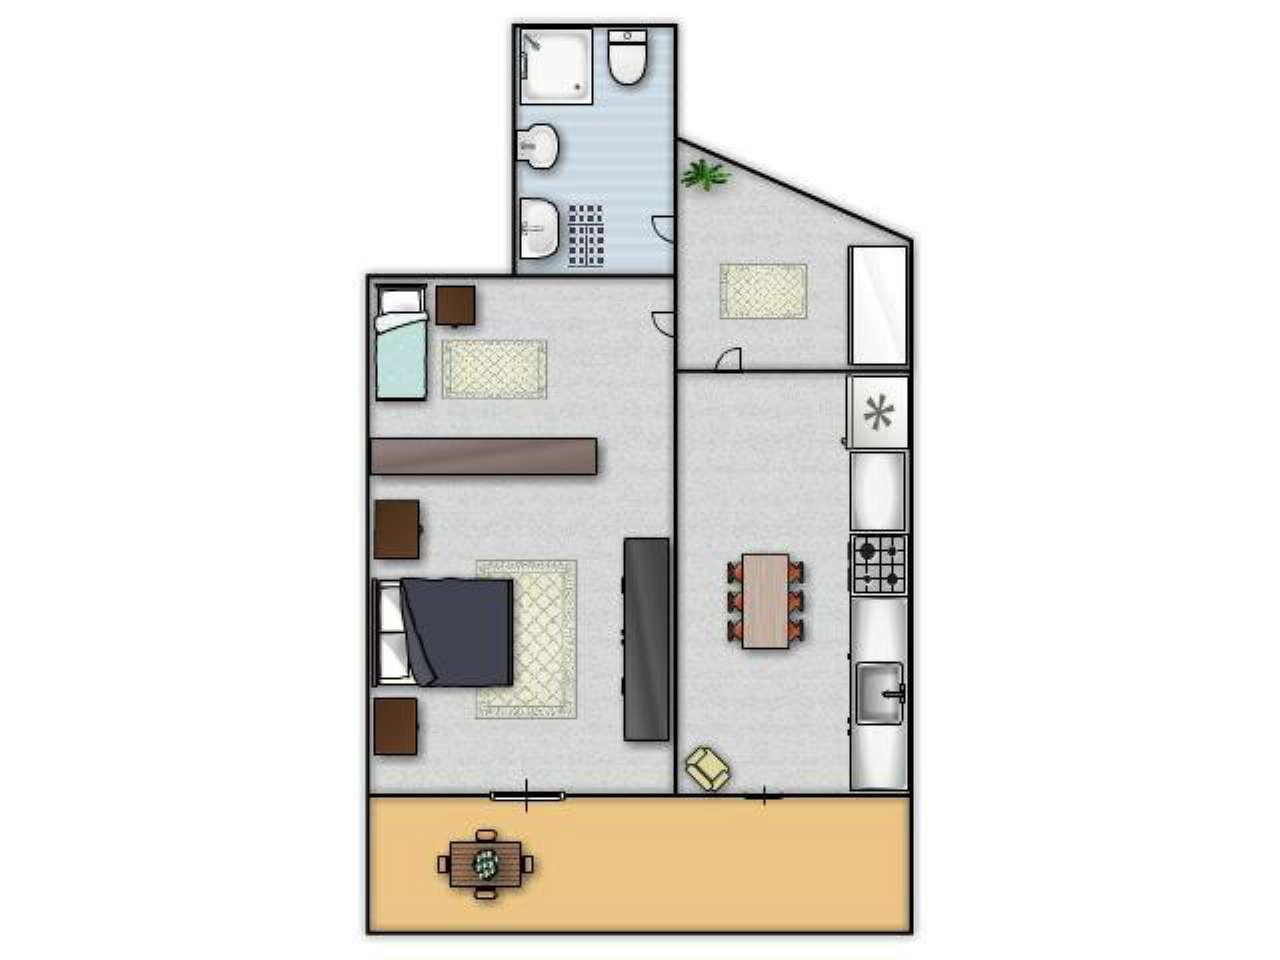 Appartamento in Affitto a Ustica: 2 locali, 70 mq